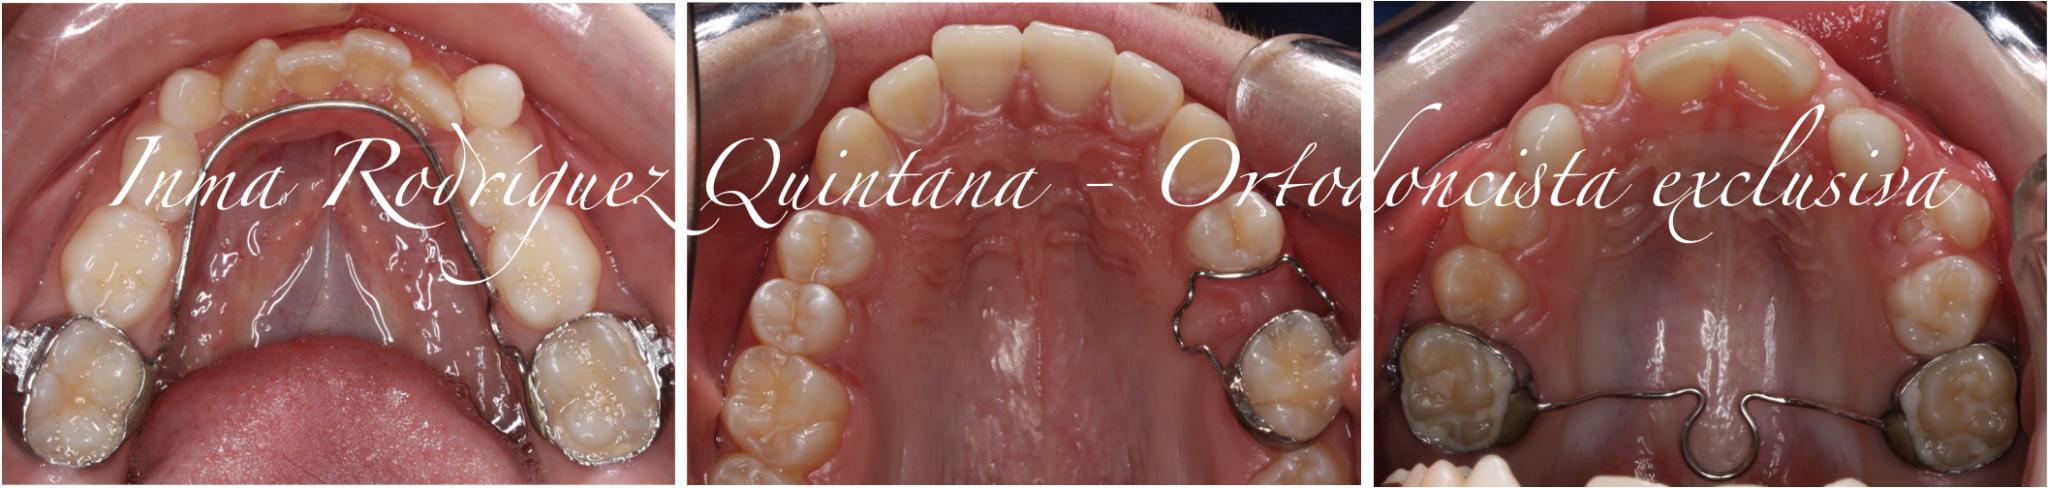 Mantenedores de espacio ortodoncia